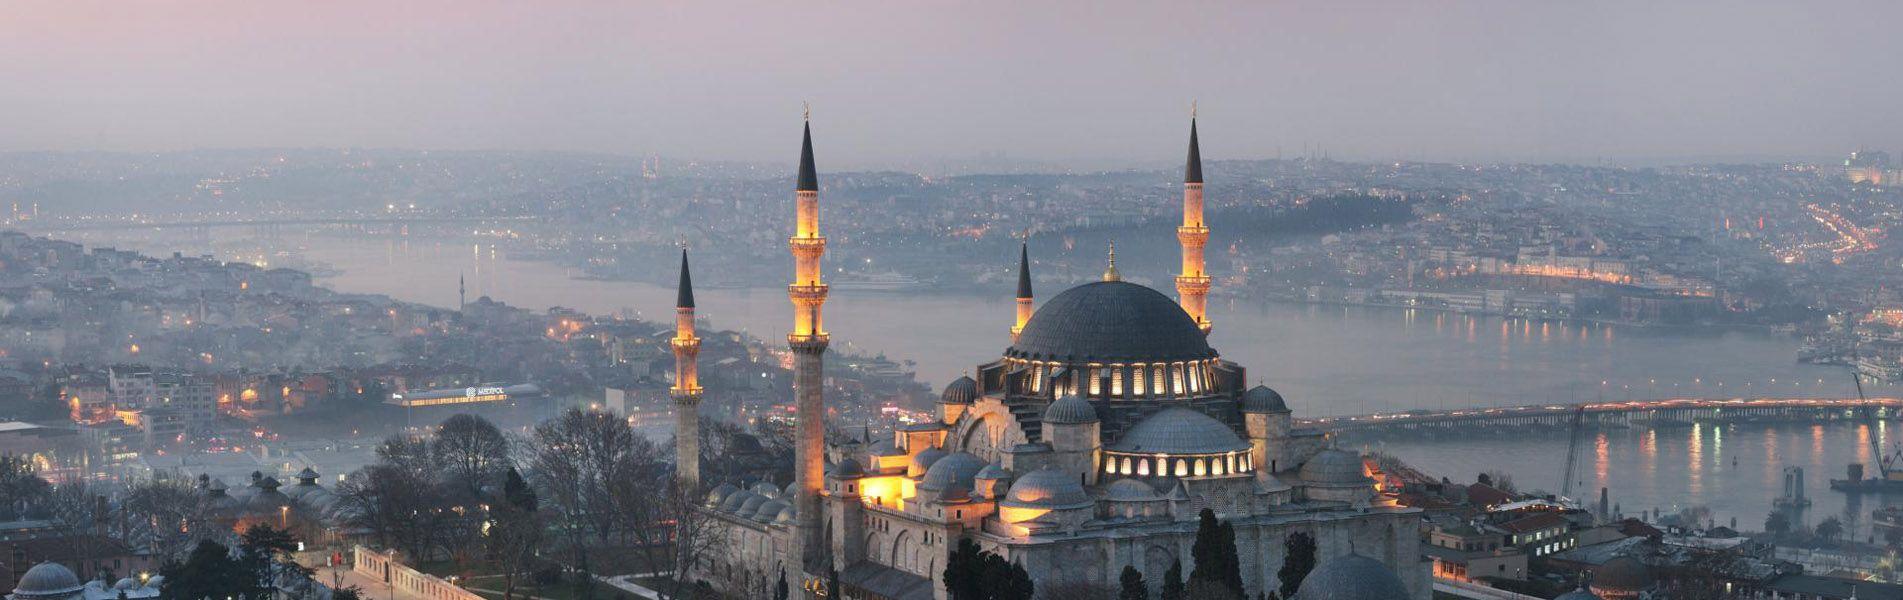 Cuerno de Oro en Turquía